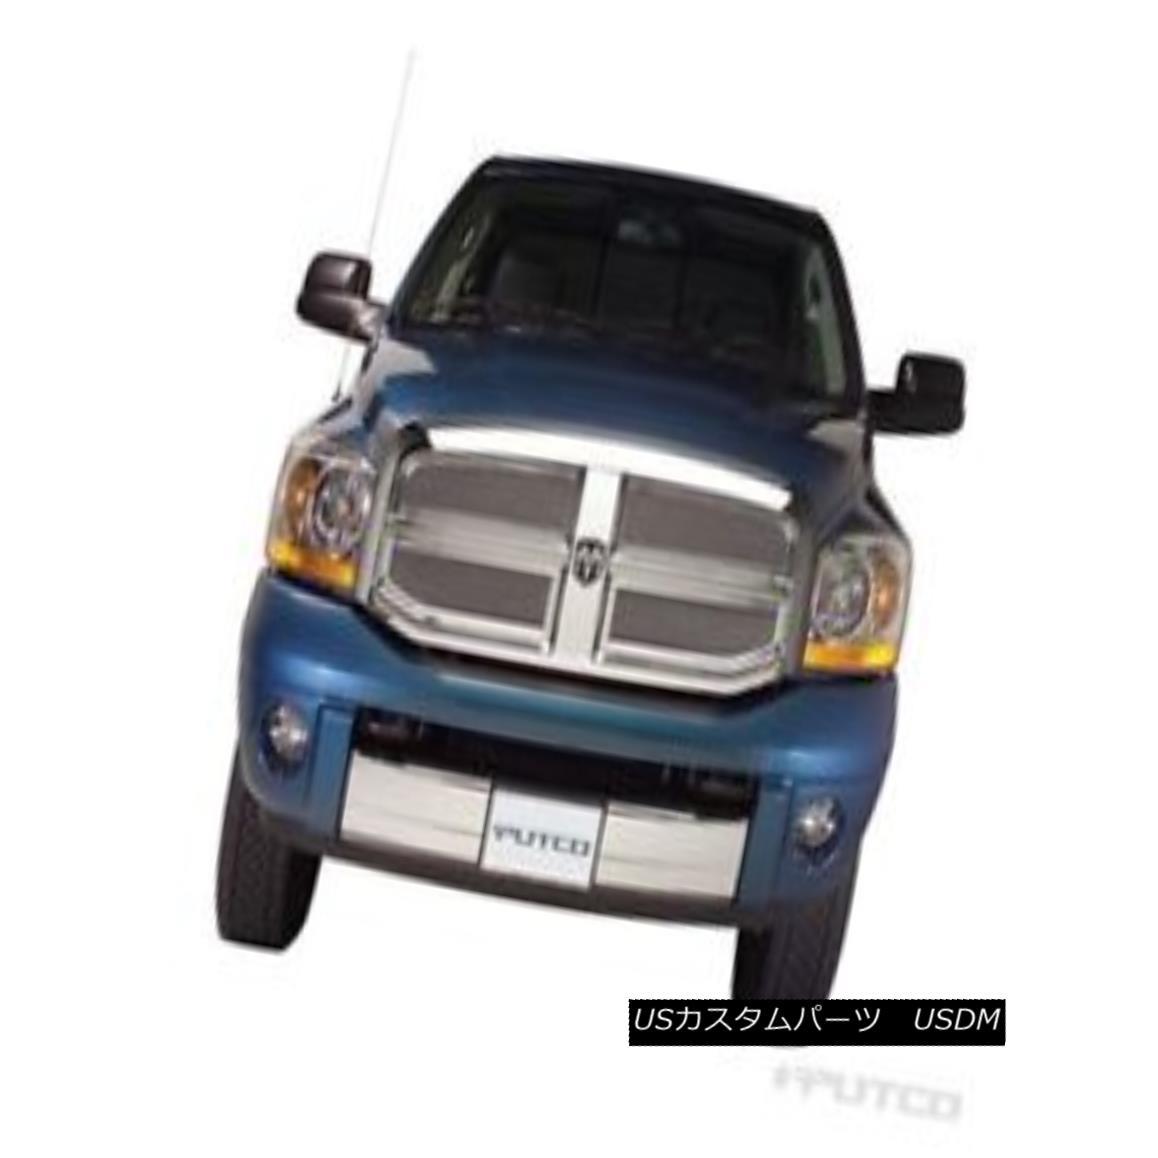 <title>車用品 バイク用品 >> パーツ 外装 エアロパーツ グリル PUTCO 99132 - Liquid Mesh Grille for 人気の製品 02-05 Dodge Ram 1500 液体メッシュグリル 02-05ダッジラム1500用</title>